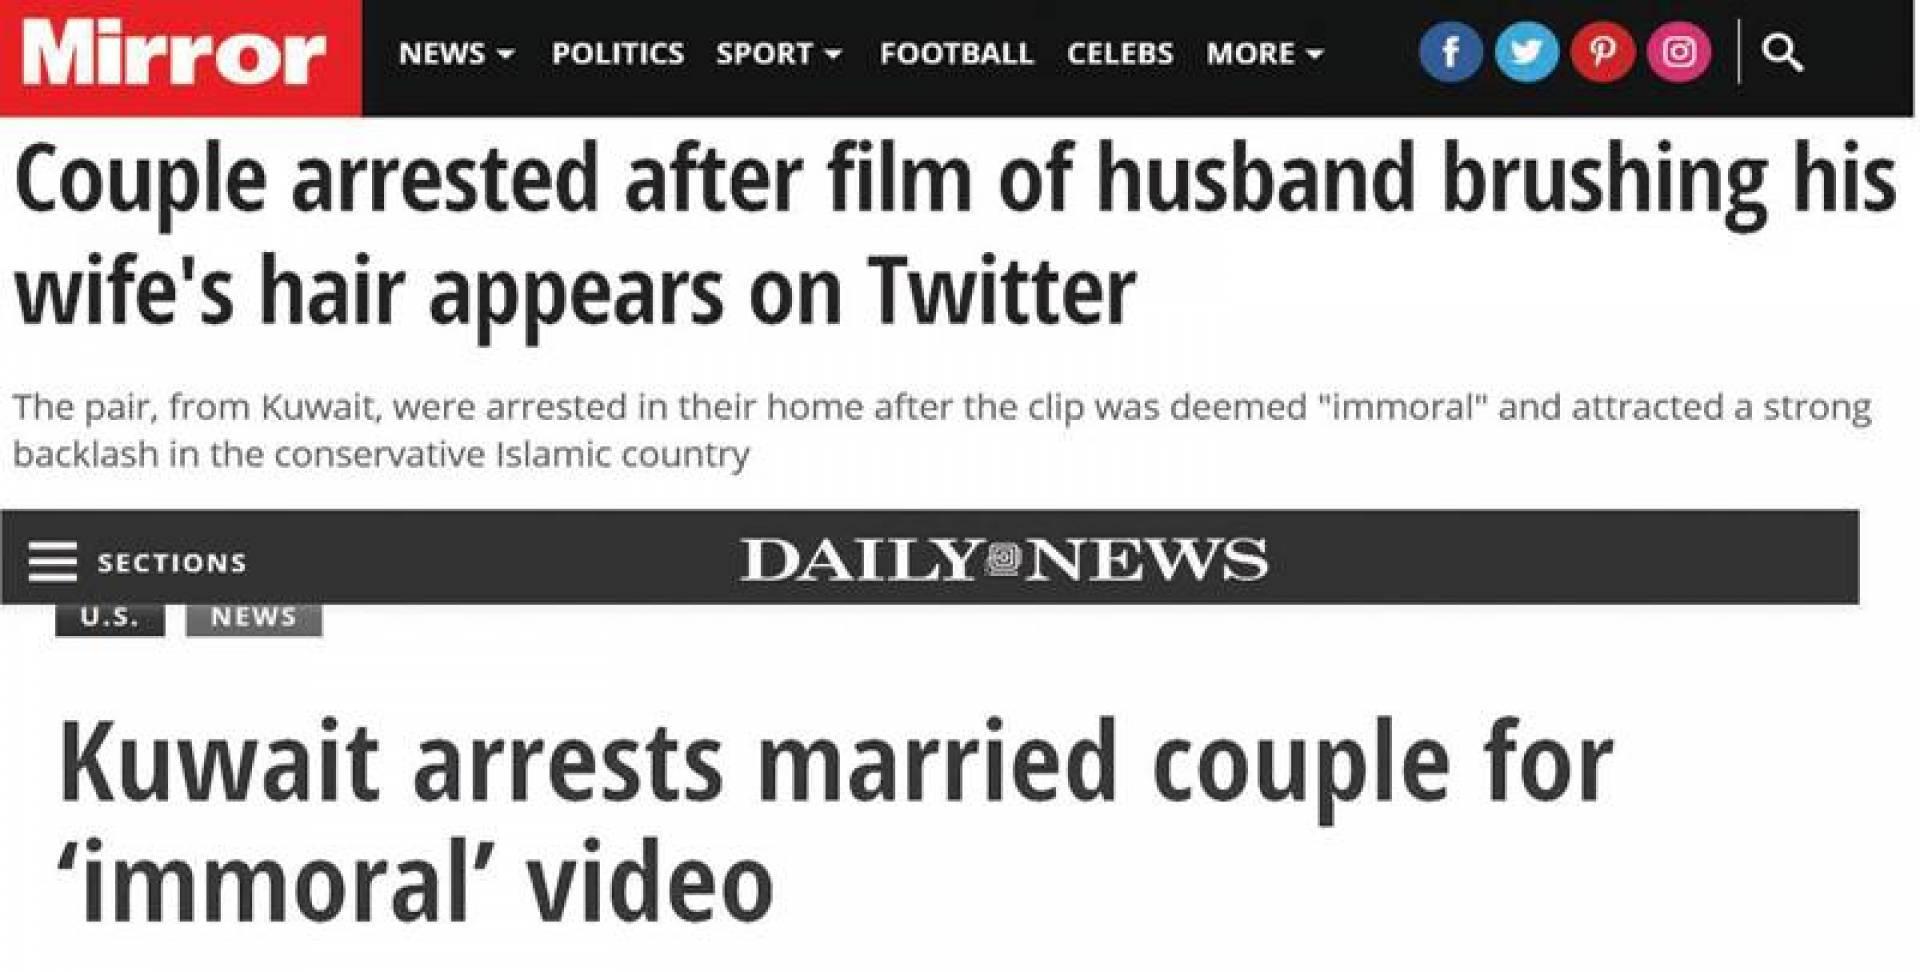 الصحف العالمية تتحدث عن إلقاء القبض على زوجين مشهورين في الكويت